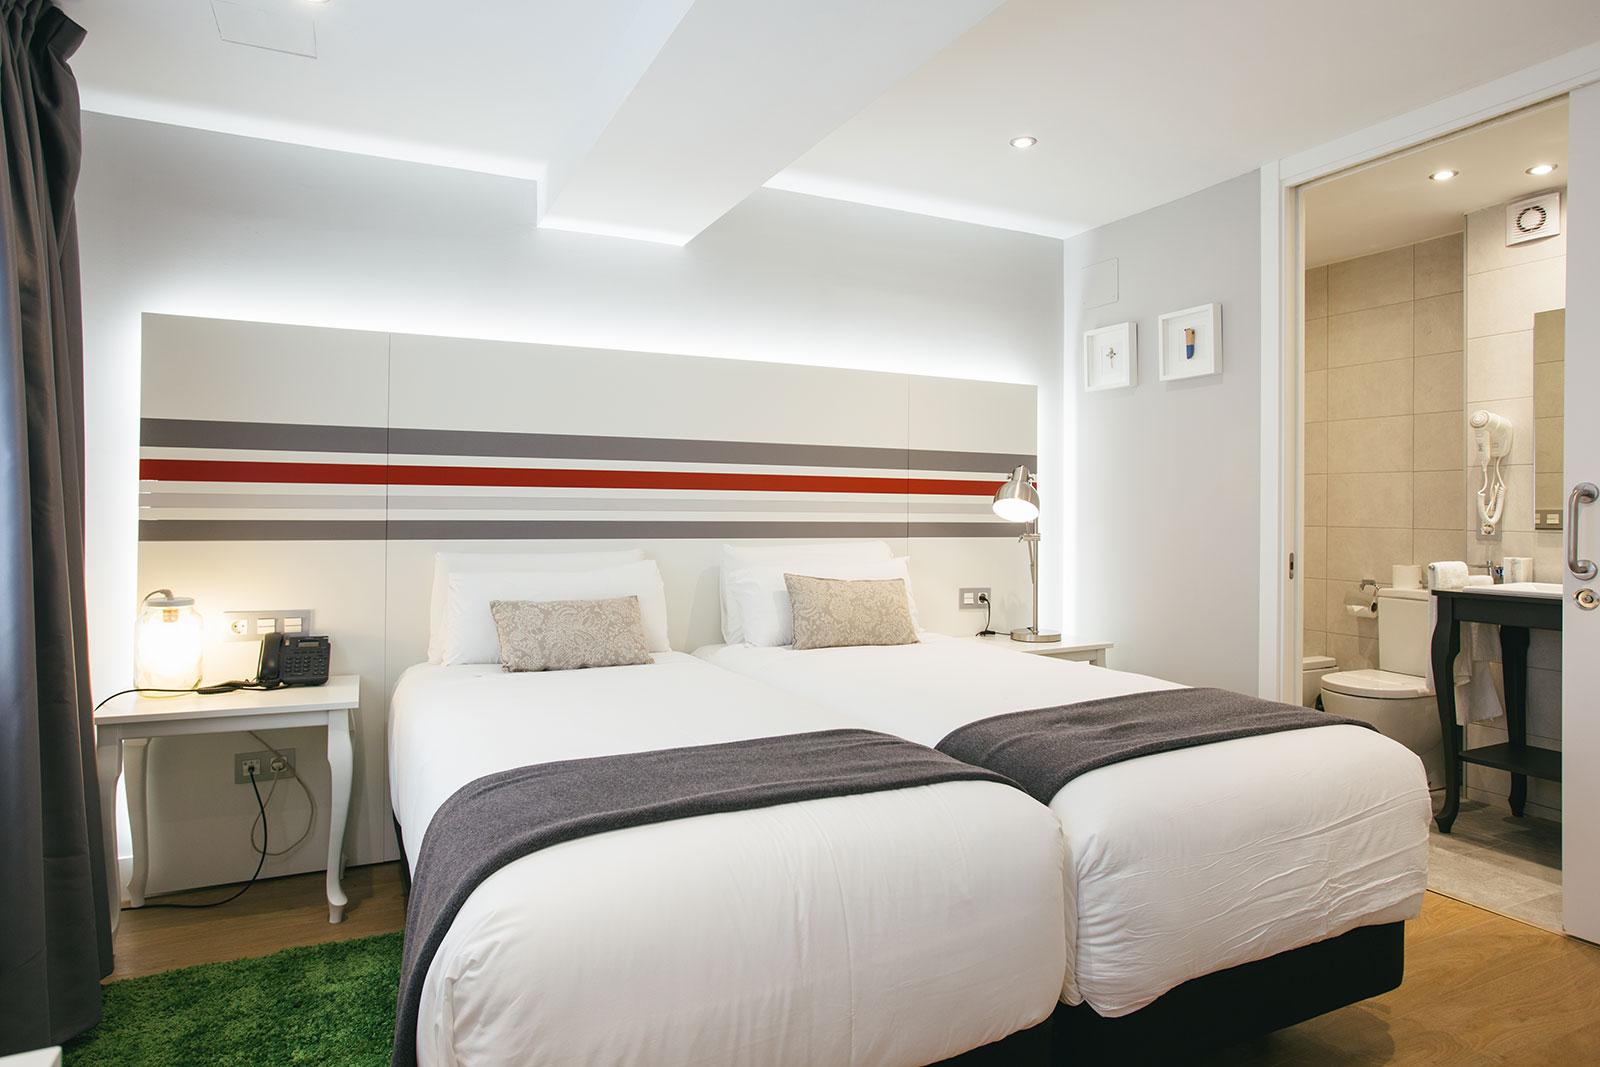 Interior bedroom twin beds